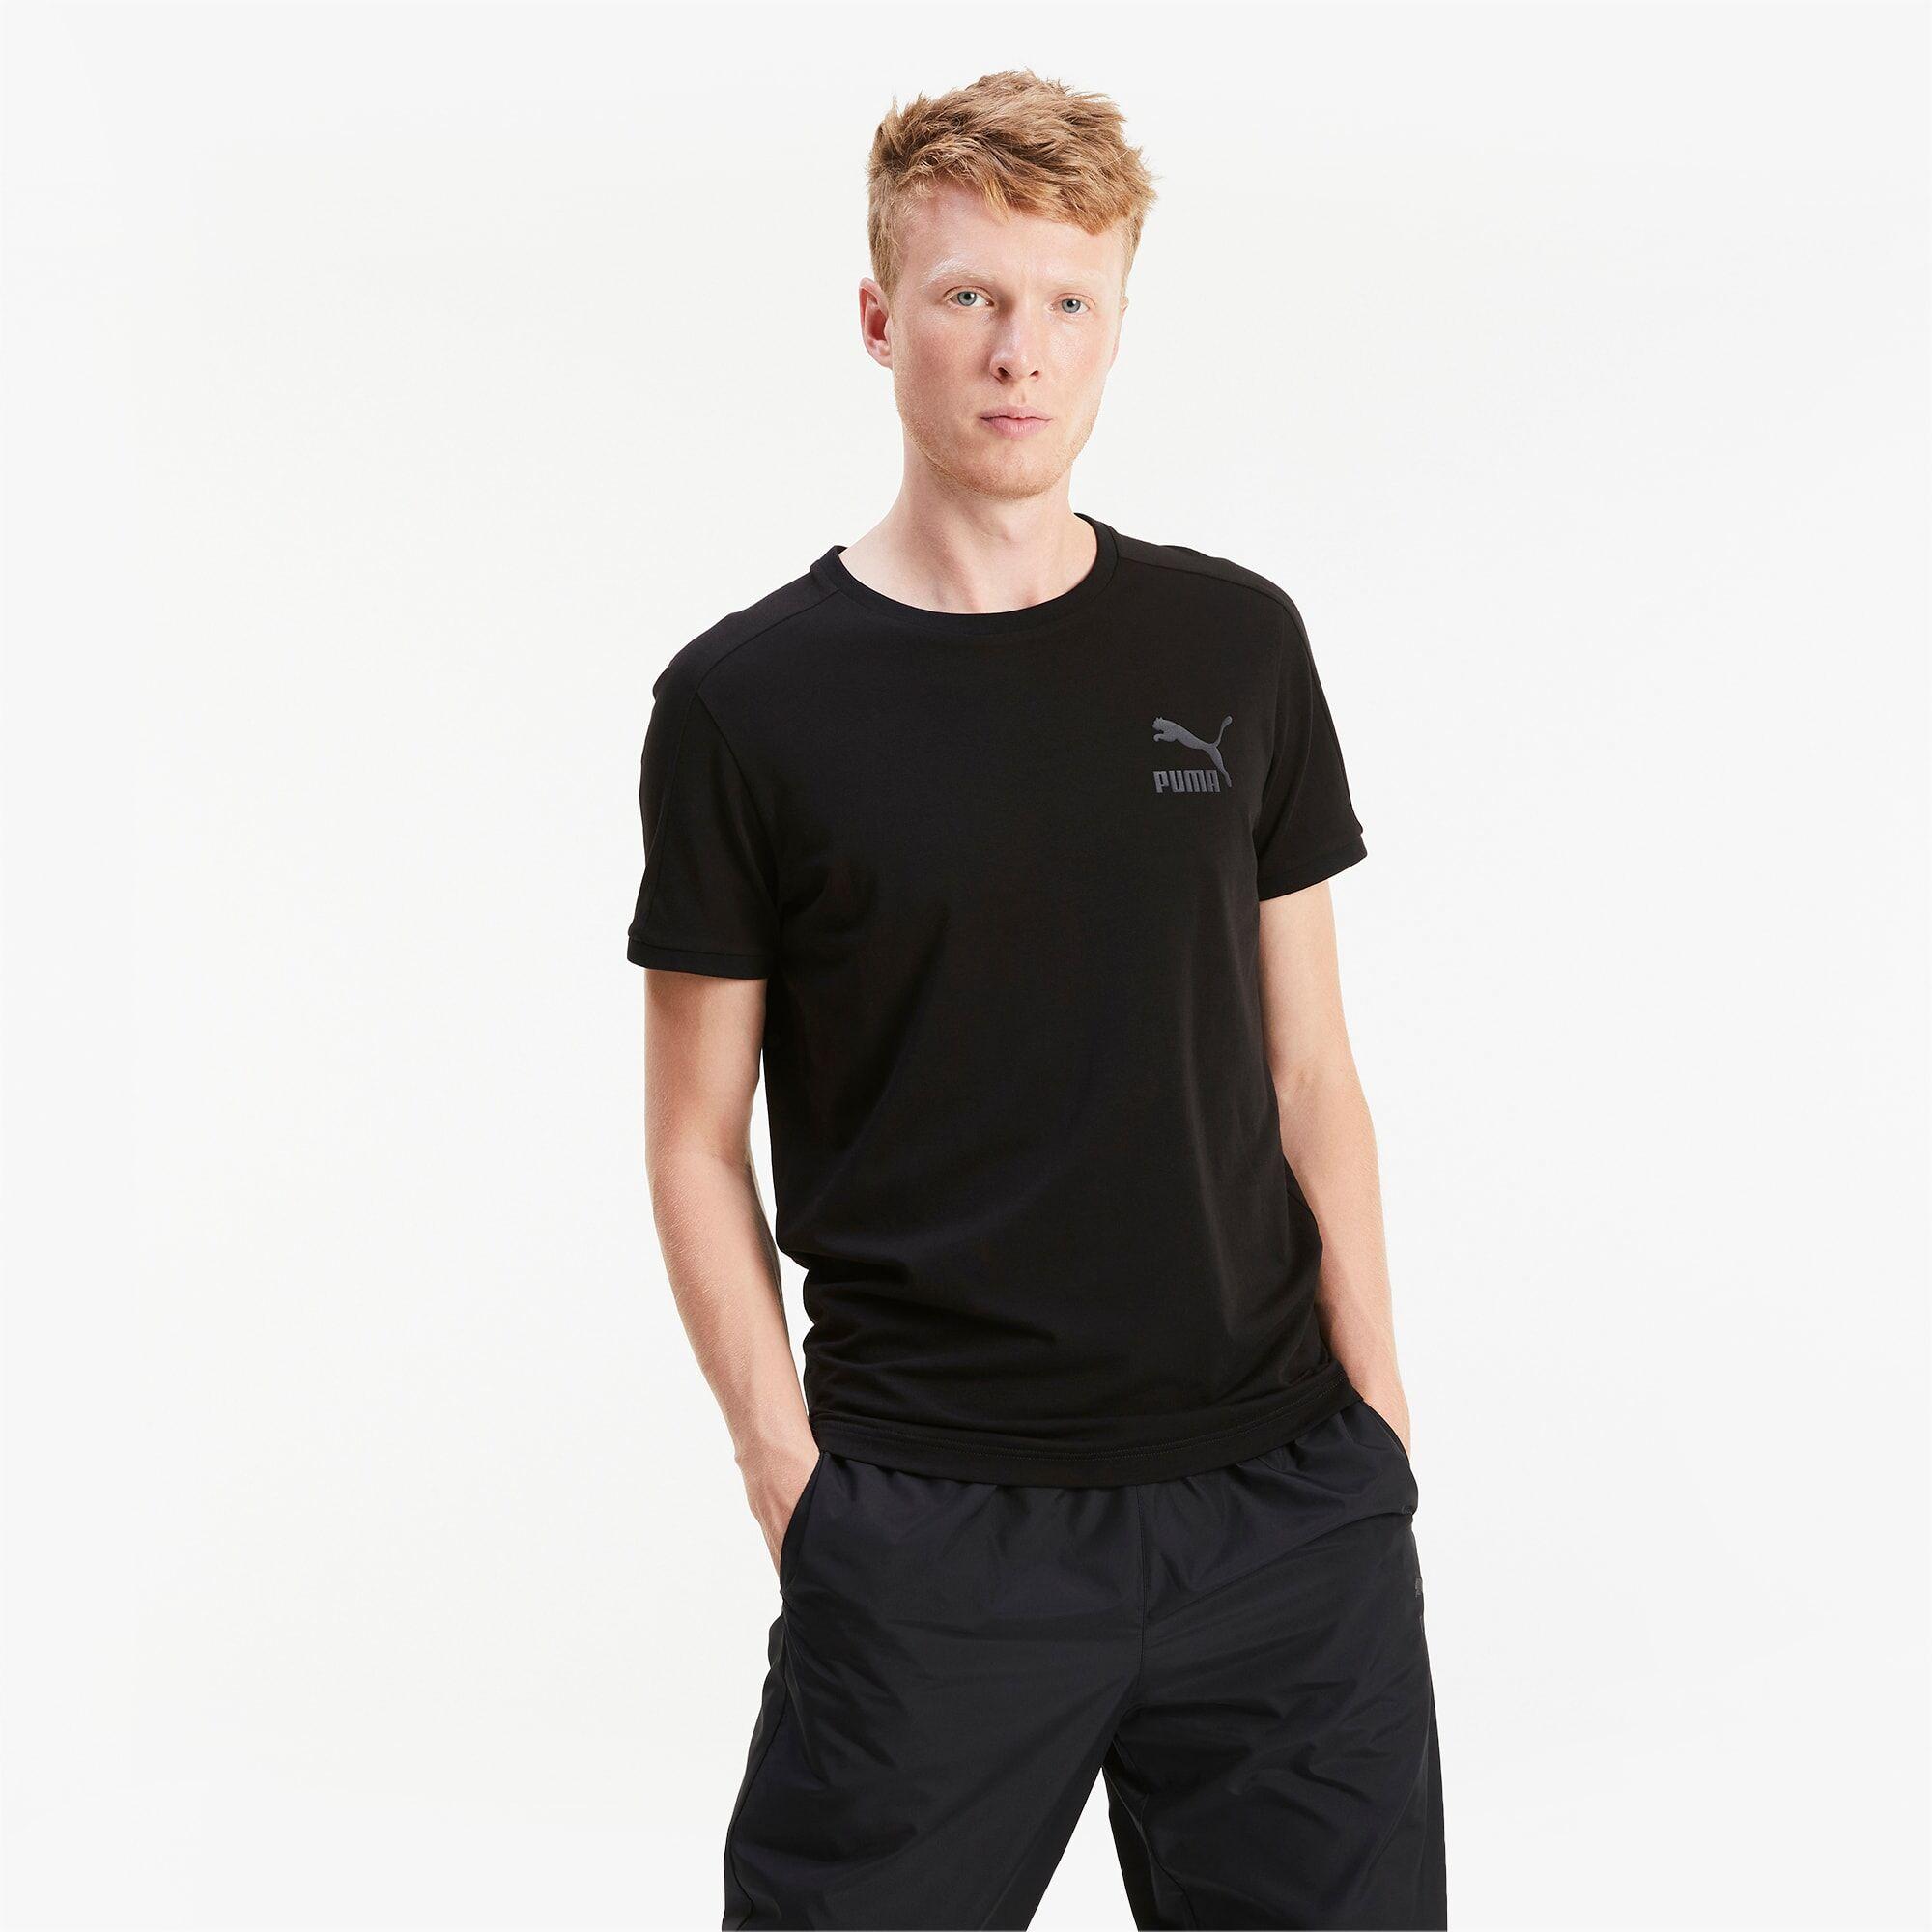 PUMA T-Shirt Iconic T7 Slim pour Homme, Noir, Taille M, Vêtements